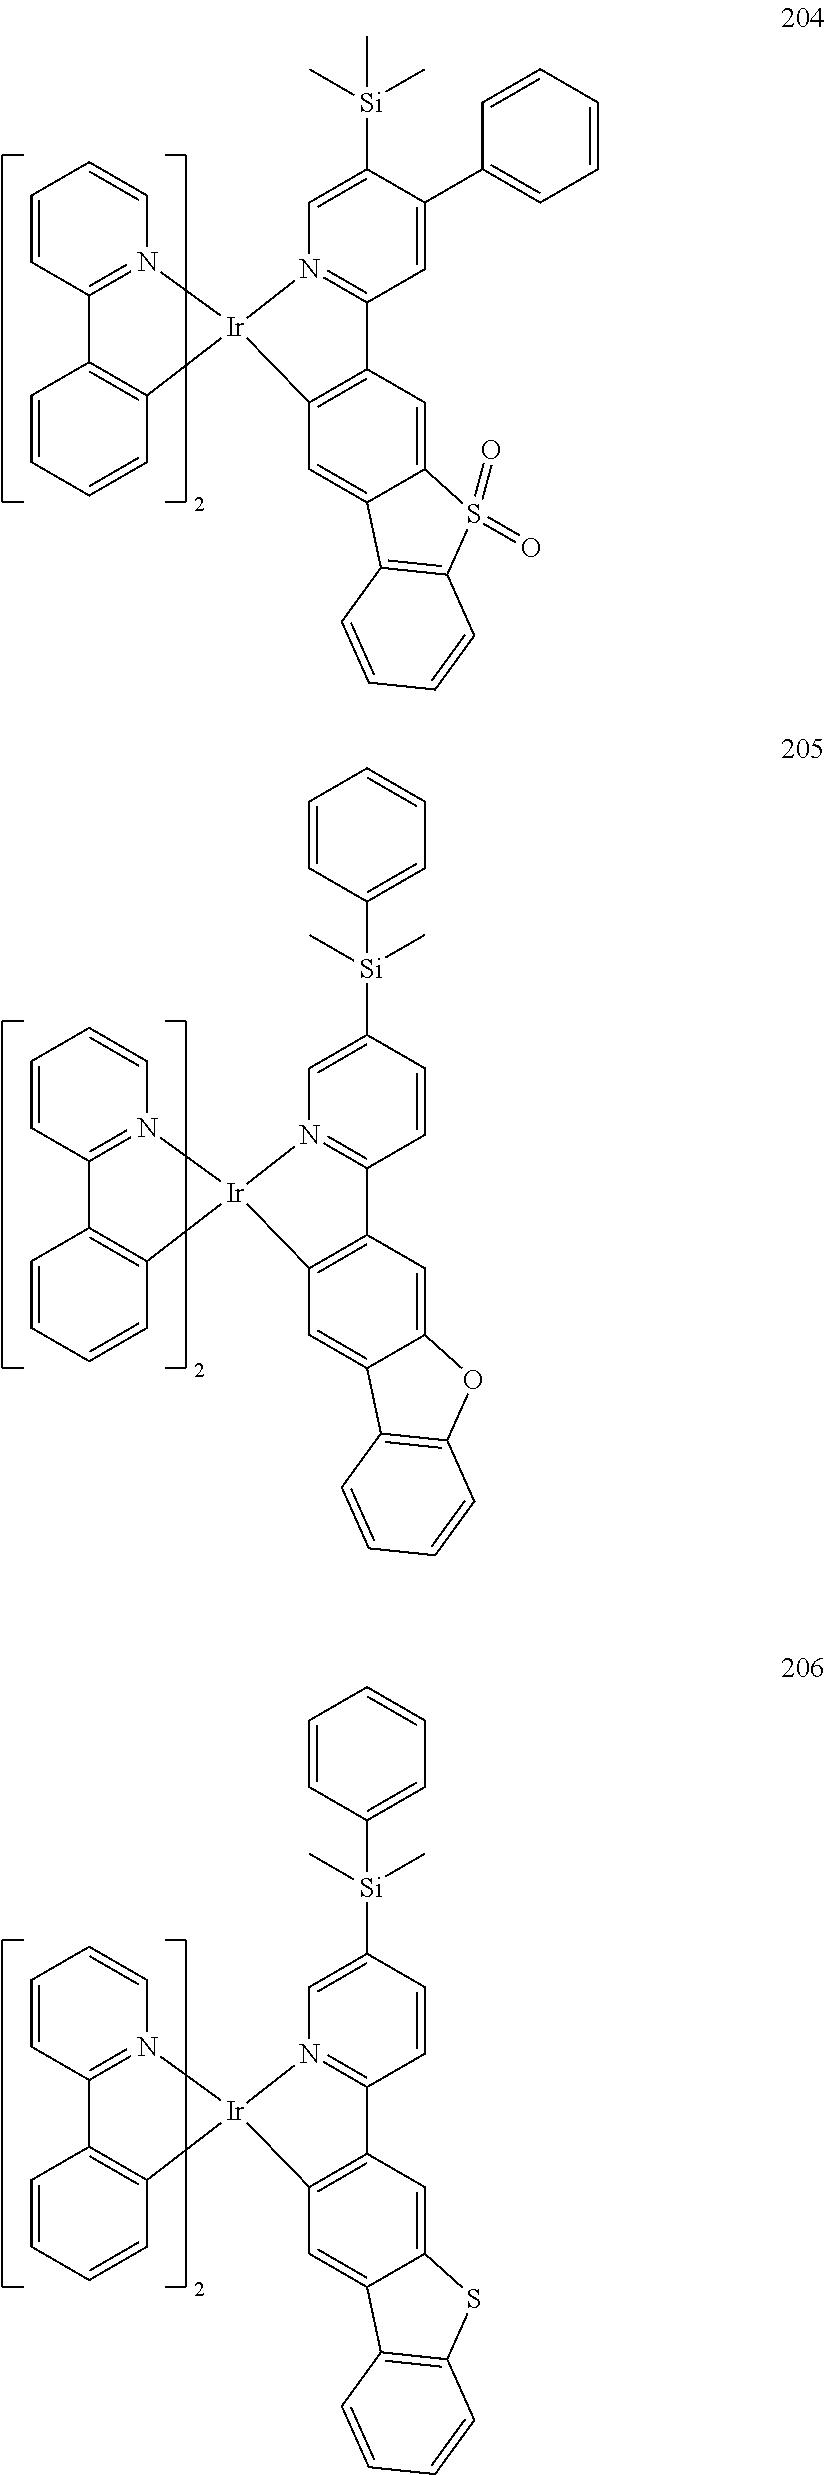 Figure US20160155962A1-20160602-C00387